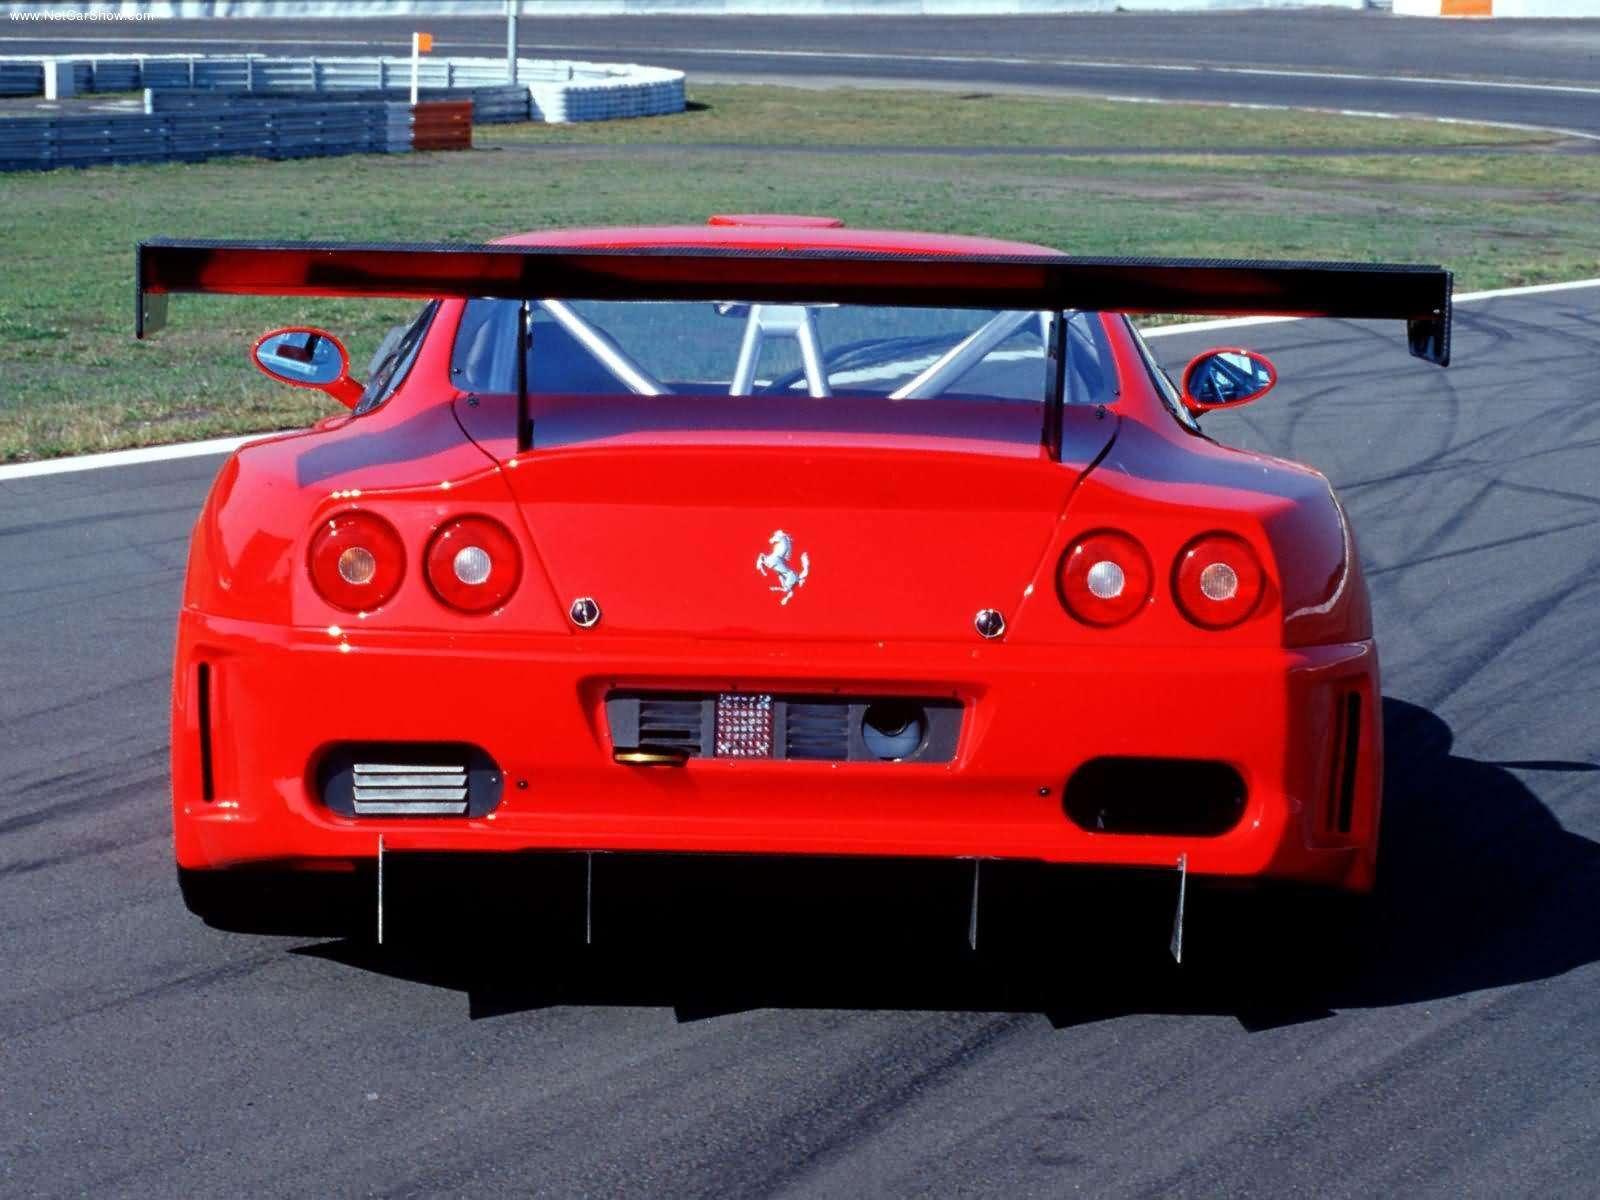 Hình ảnh siêu xe Ferrari 575GTC 2003 & nội ngoại thất